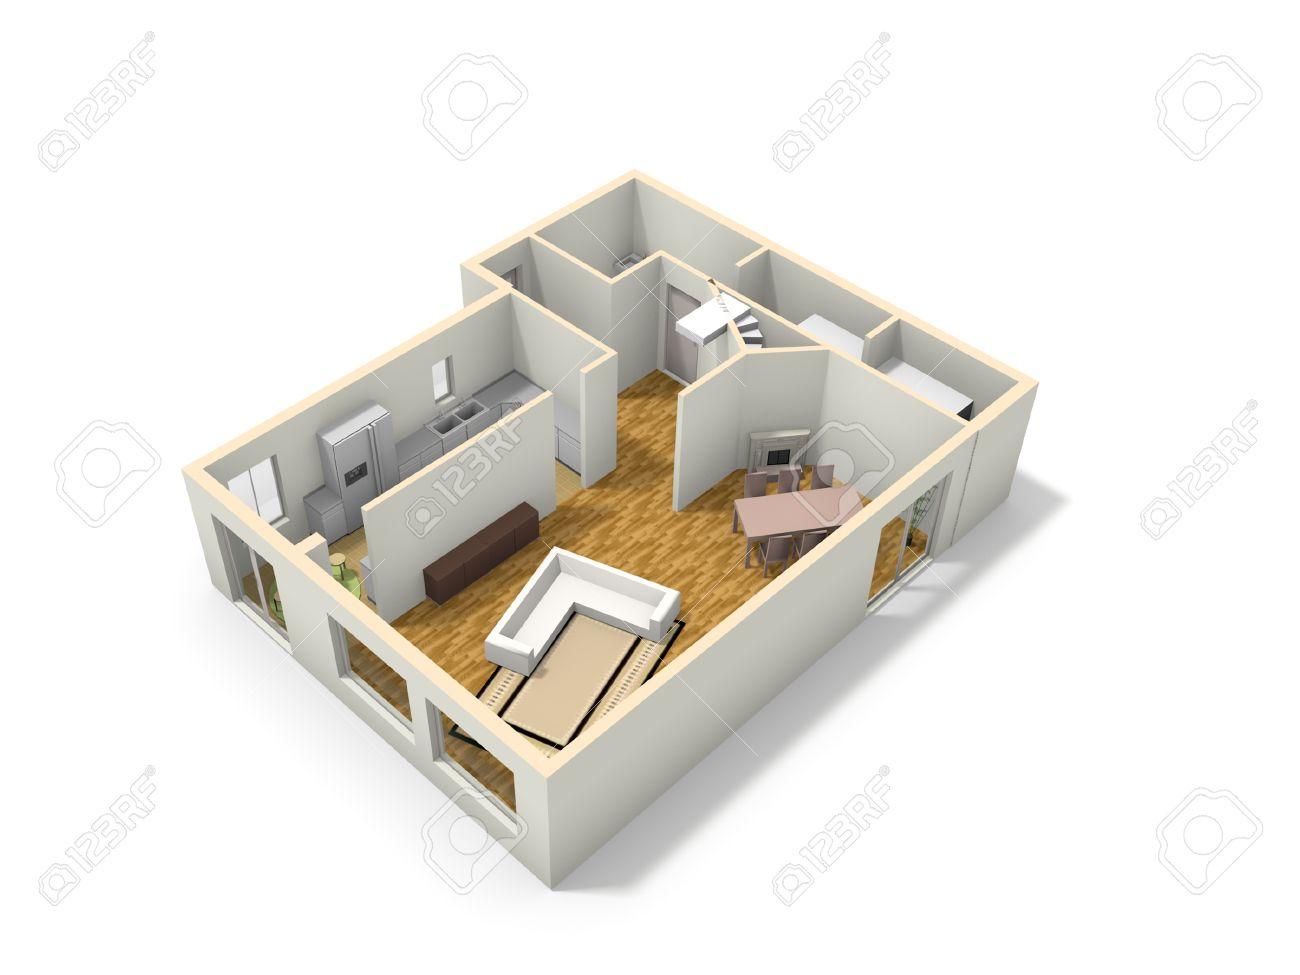 banque dimages plan 3d de la maison avec cuisine salon salle manger rom salle de bains et buanderie